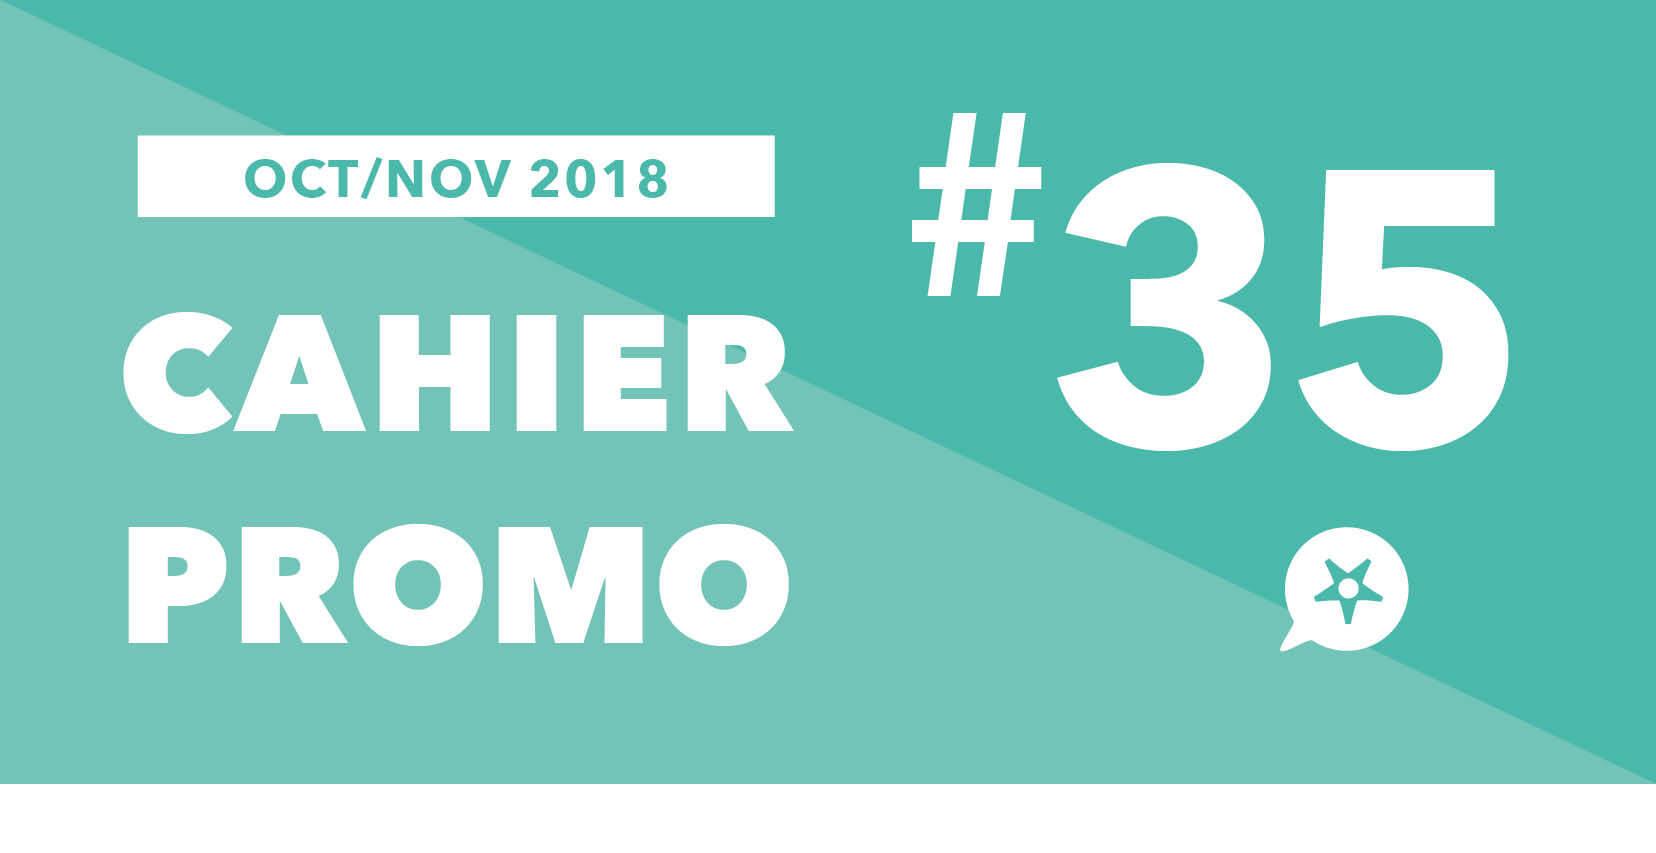 CAHIER PROMO OCTOBRE NOVEMBRE 2018